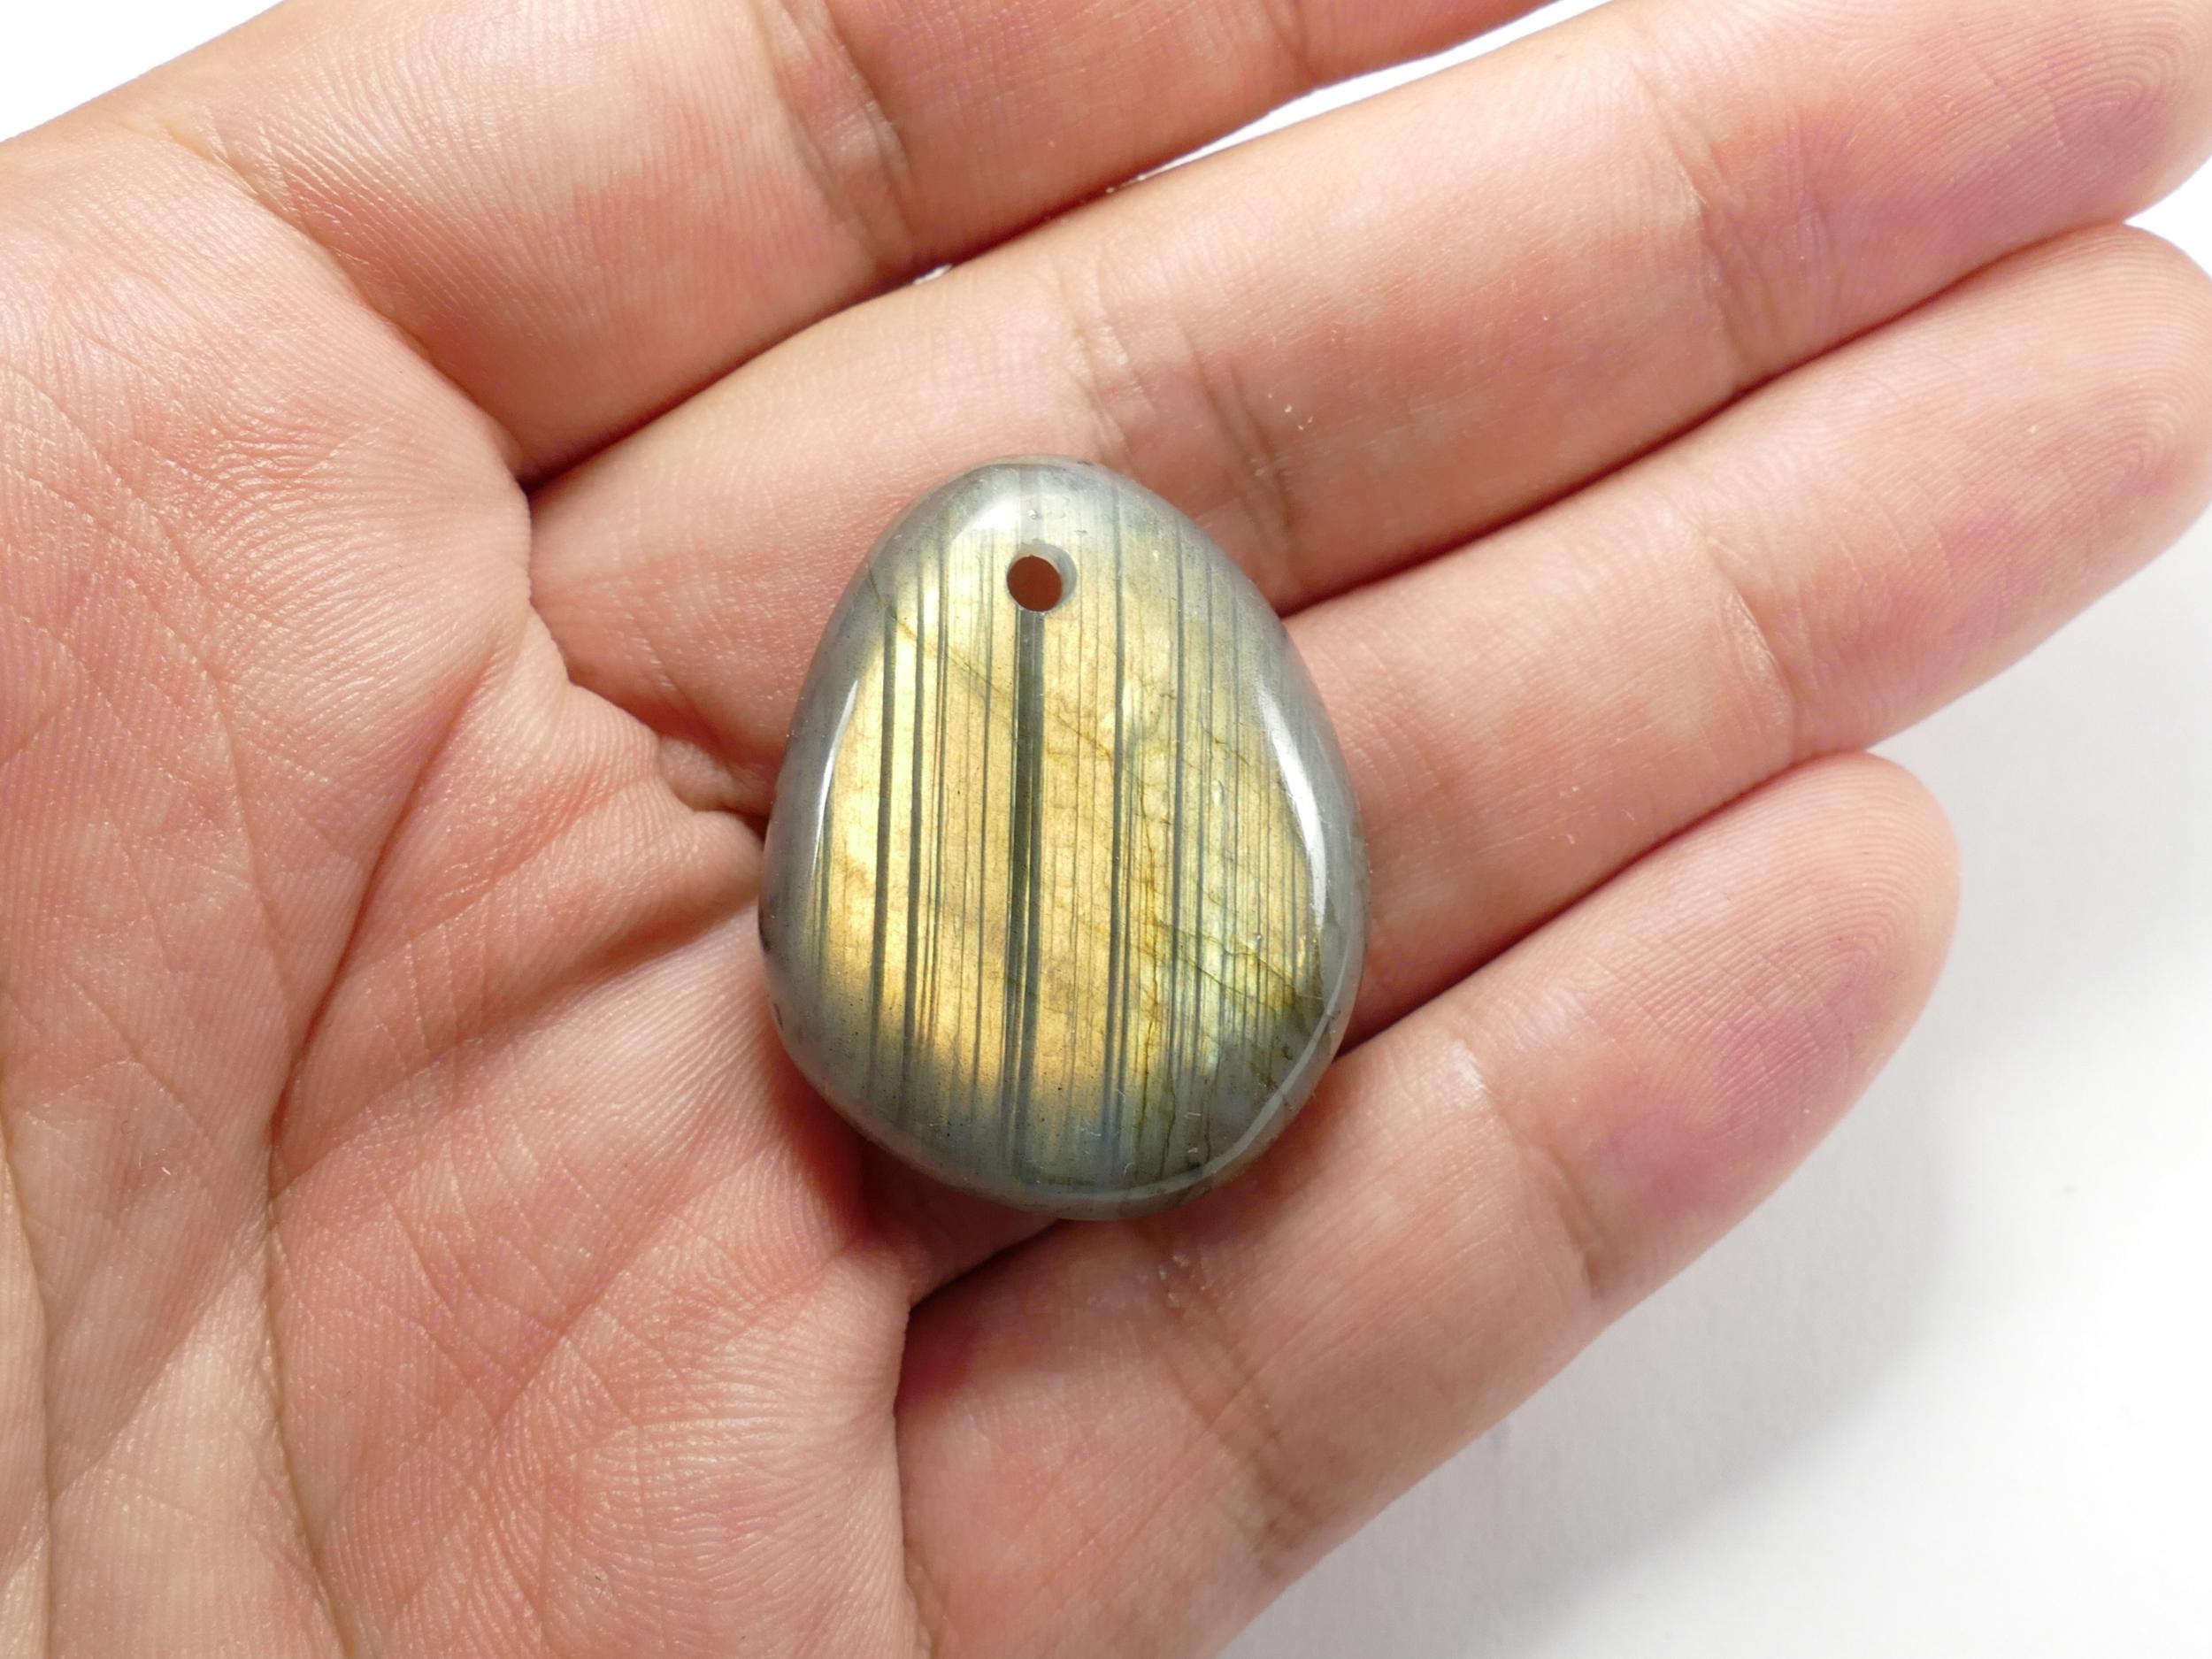 34mm Galet percé de Labradorite naturelle en morceau roulé poli de Madagascar orange vert perle (#PK289)